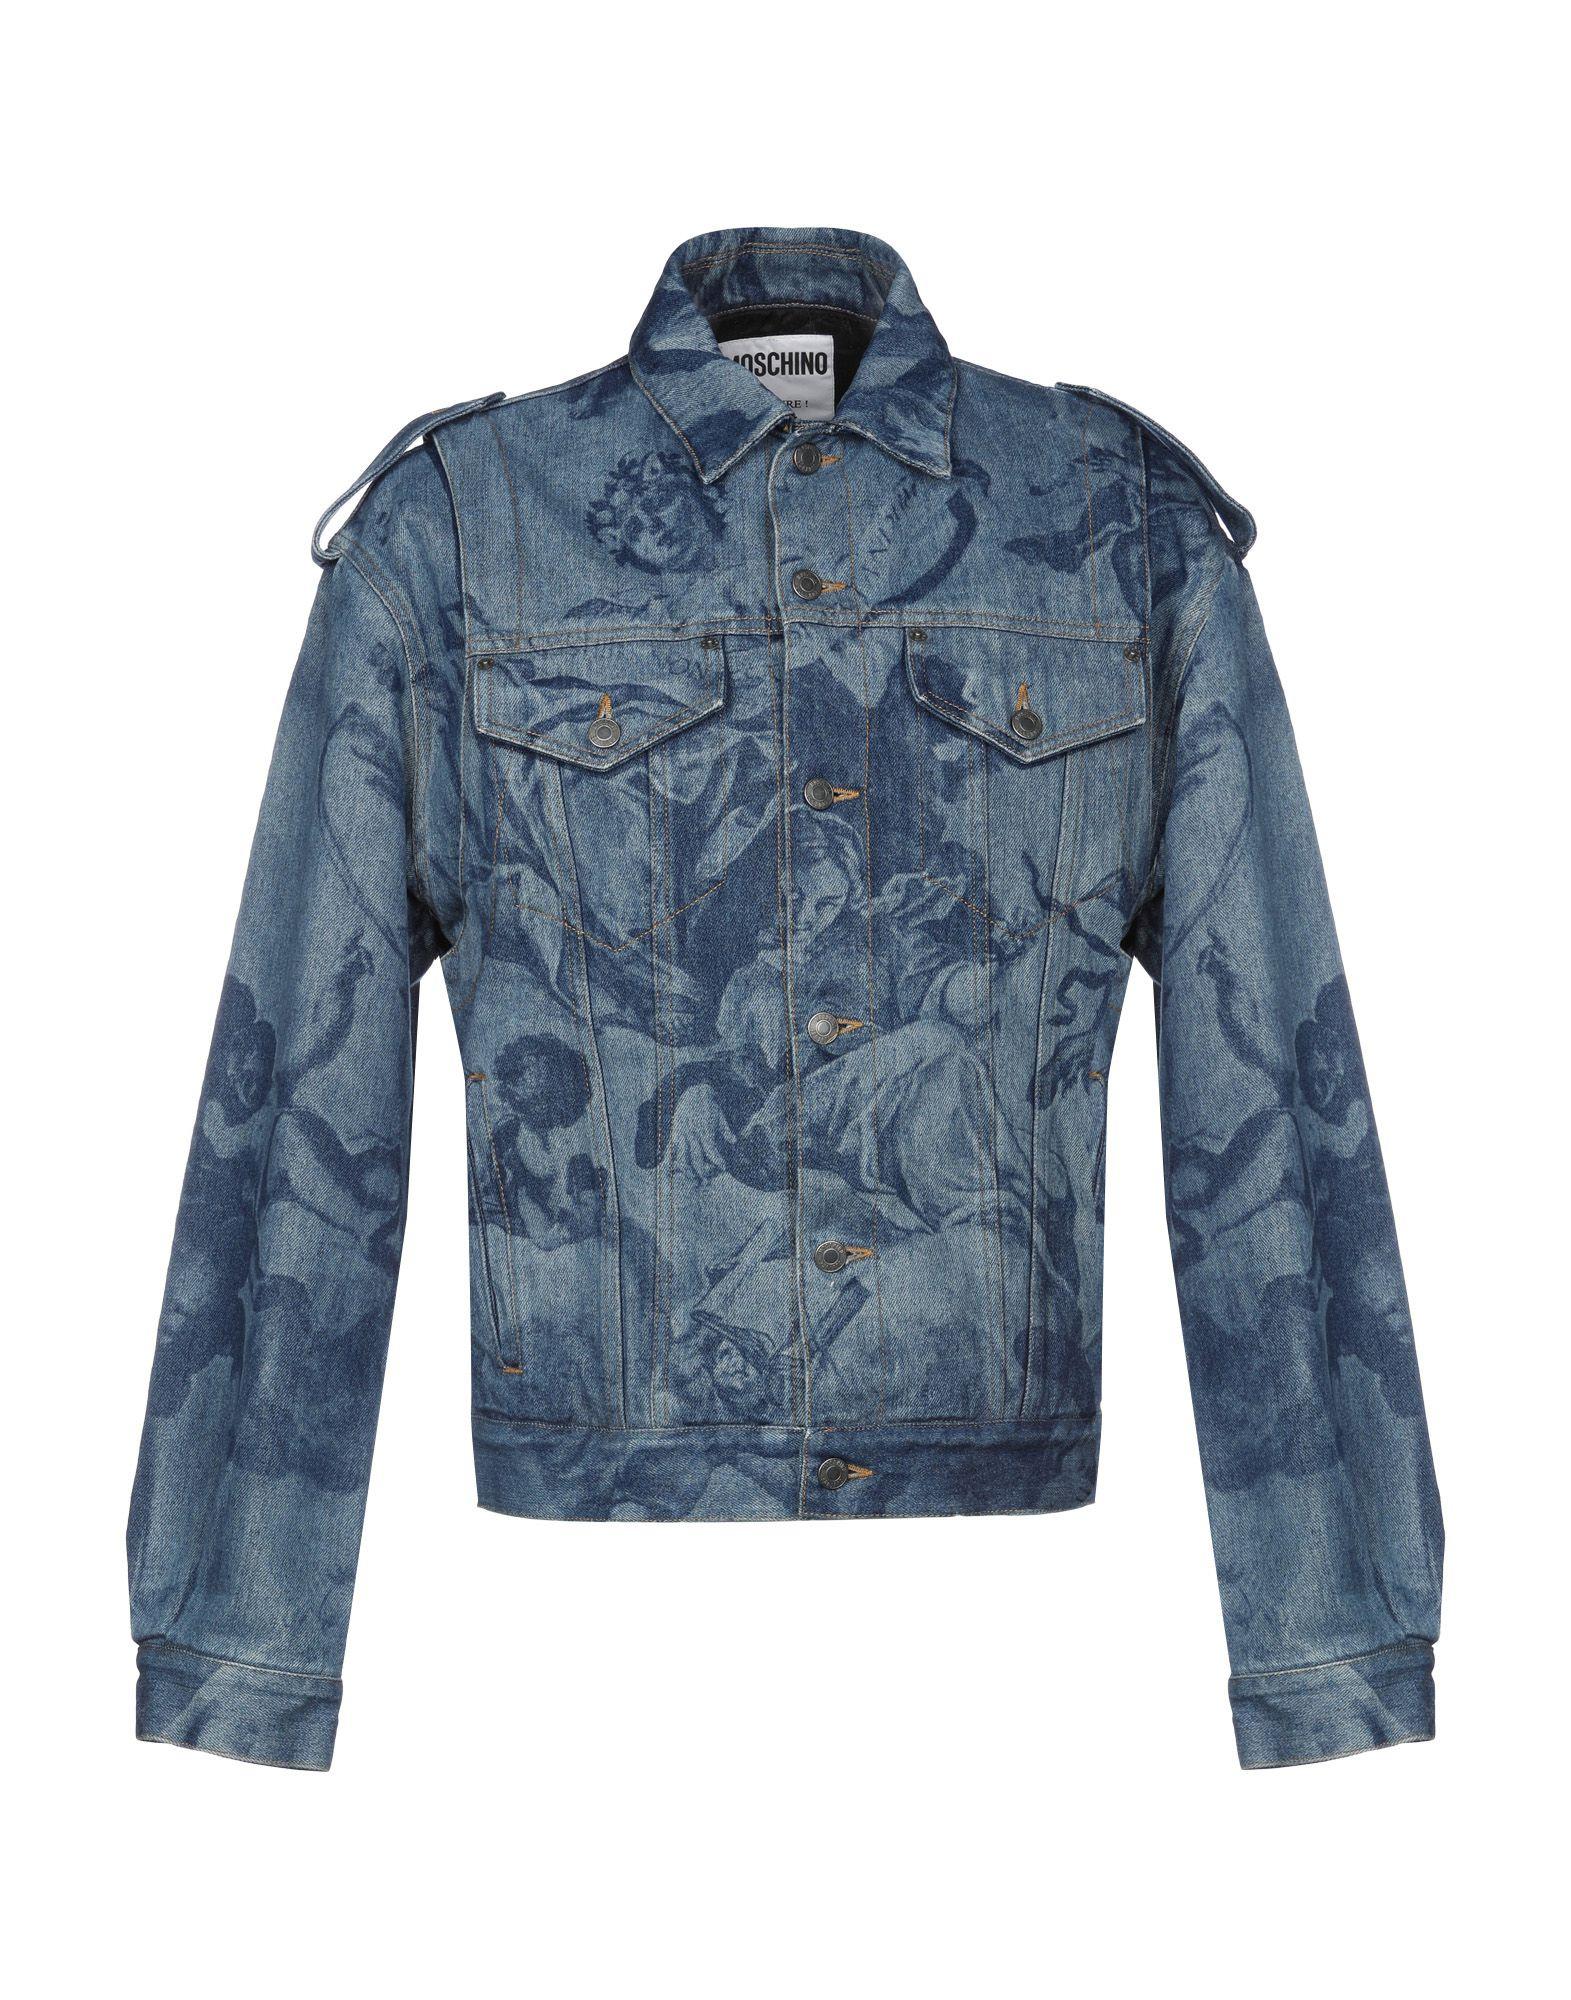 MOSCHINO Джинсовая верхняя одежда moschino одежда официальный сайт каталог